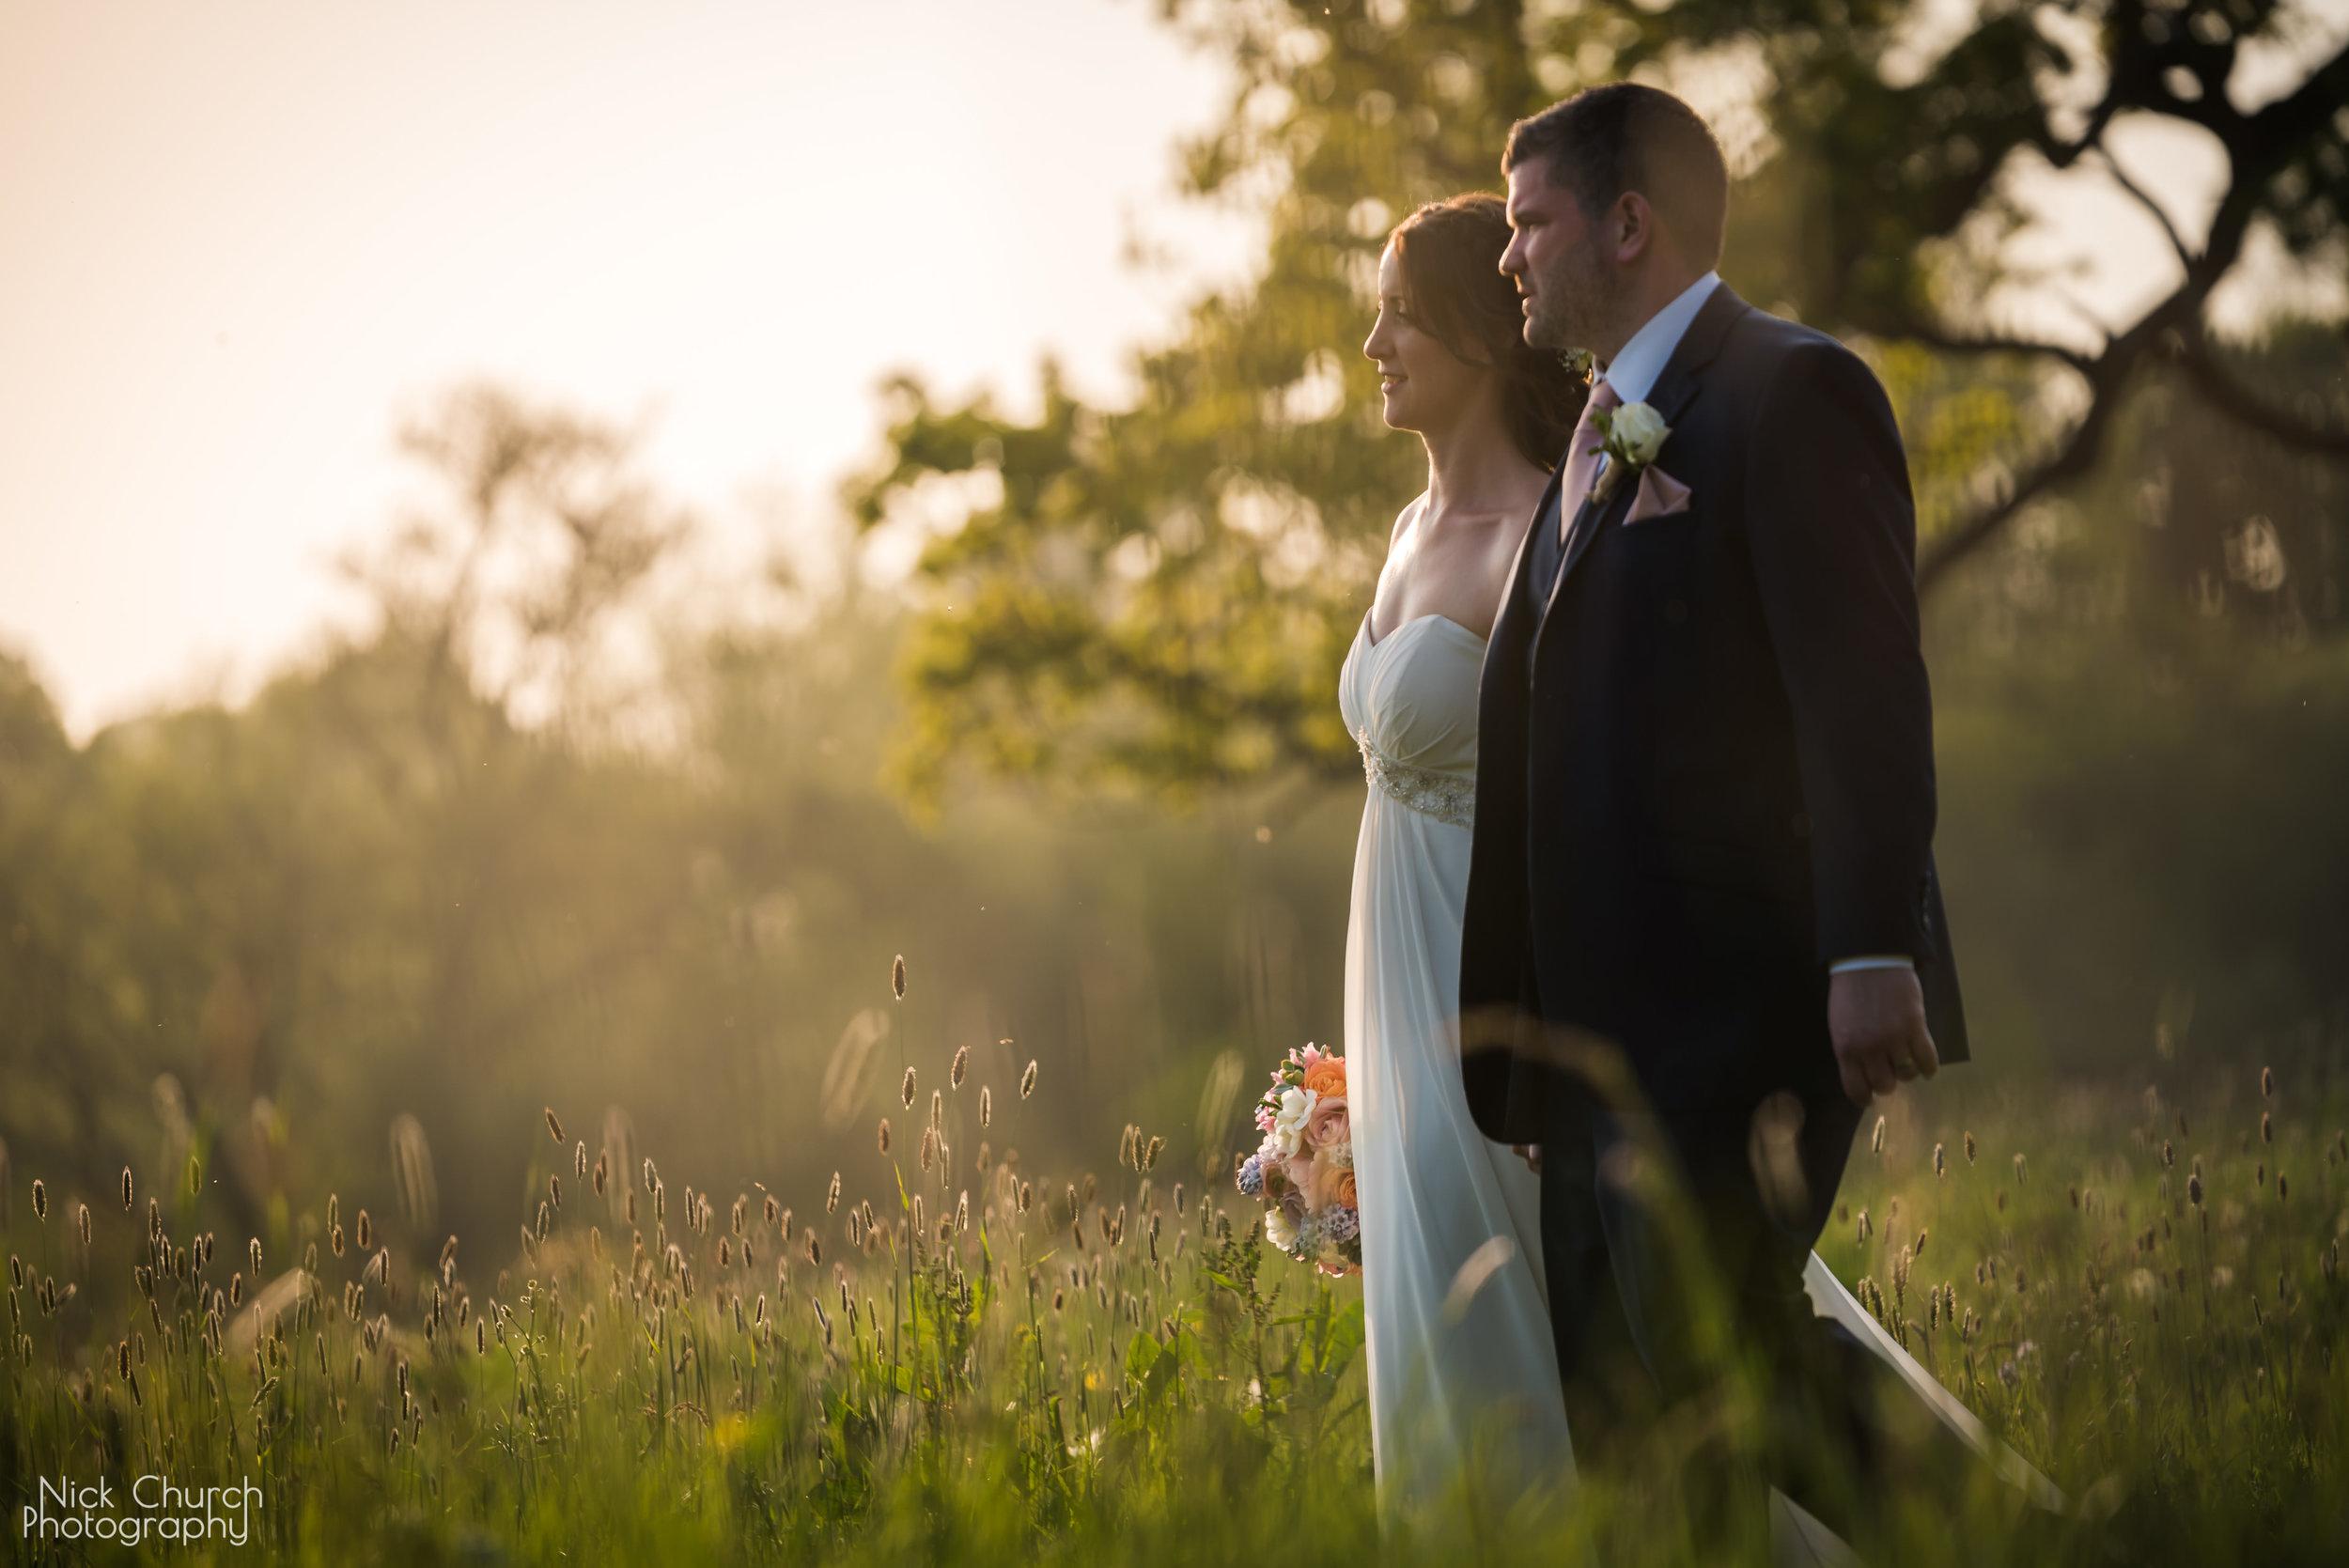 NC-2018-05-07-joanna-and-steve-wedding-2691.jpg